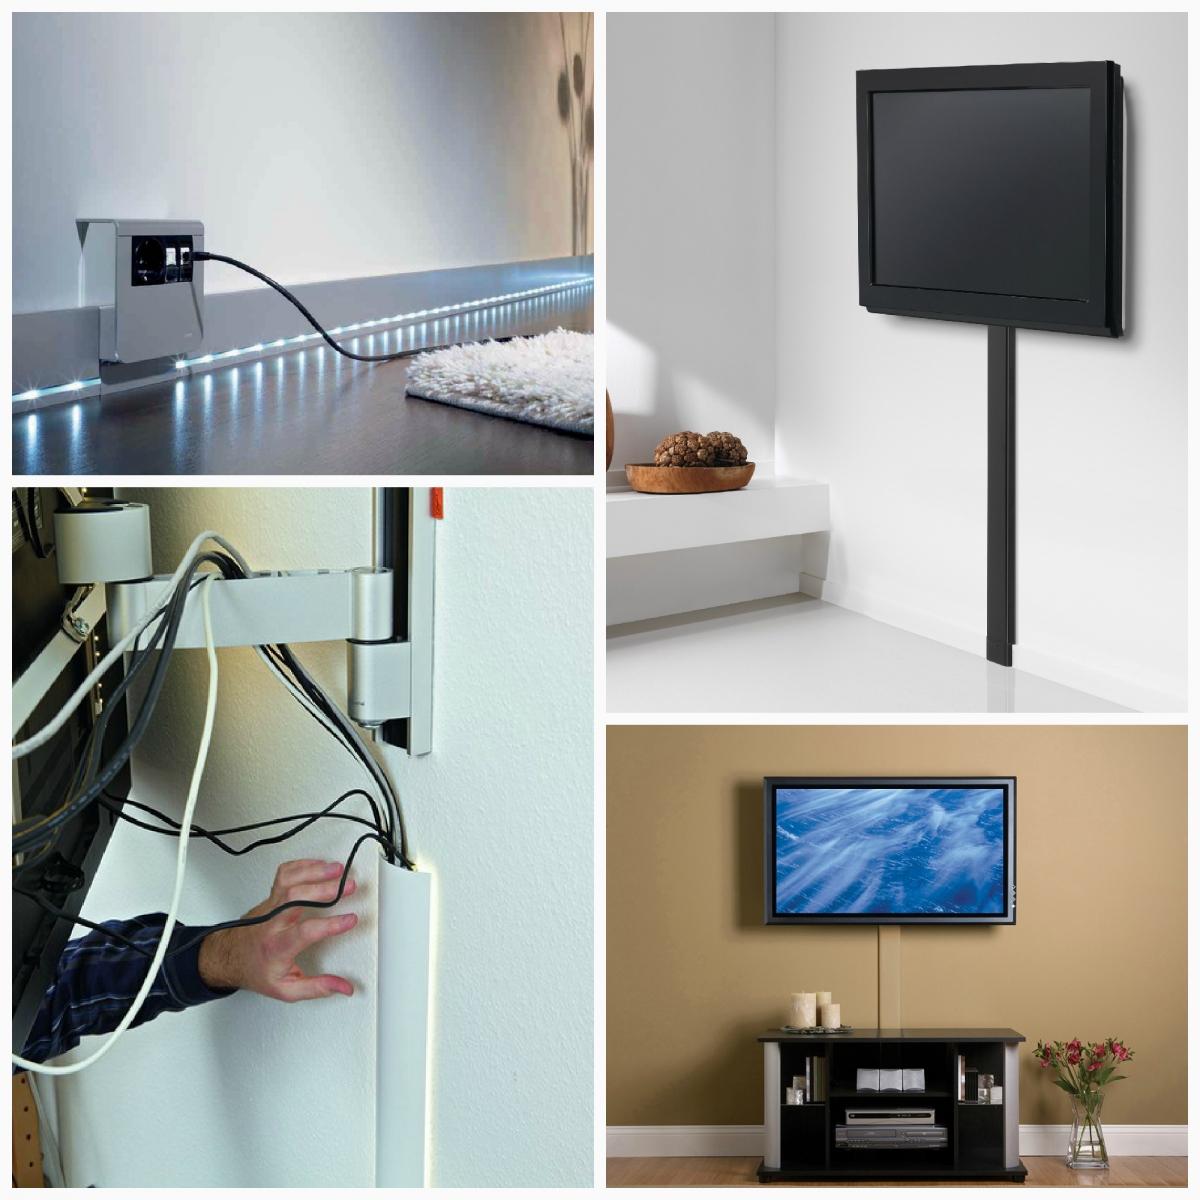 Как спрятать провода от телевизора на стене - 12 отличных идей